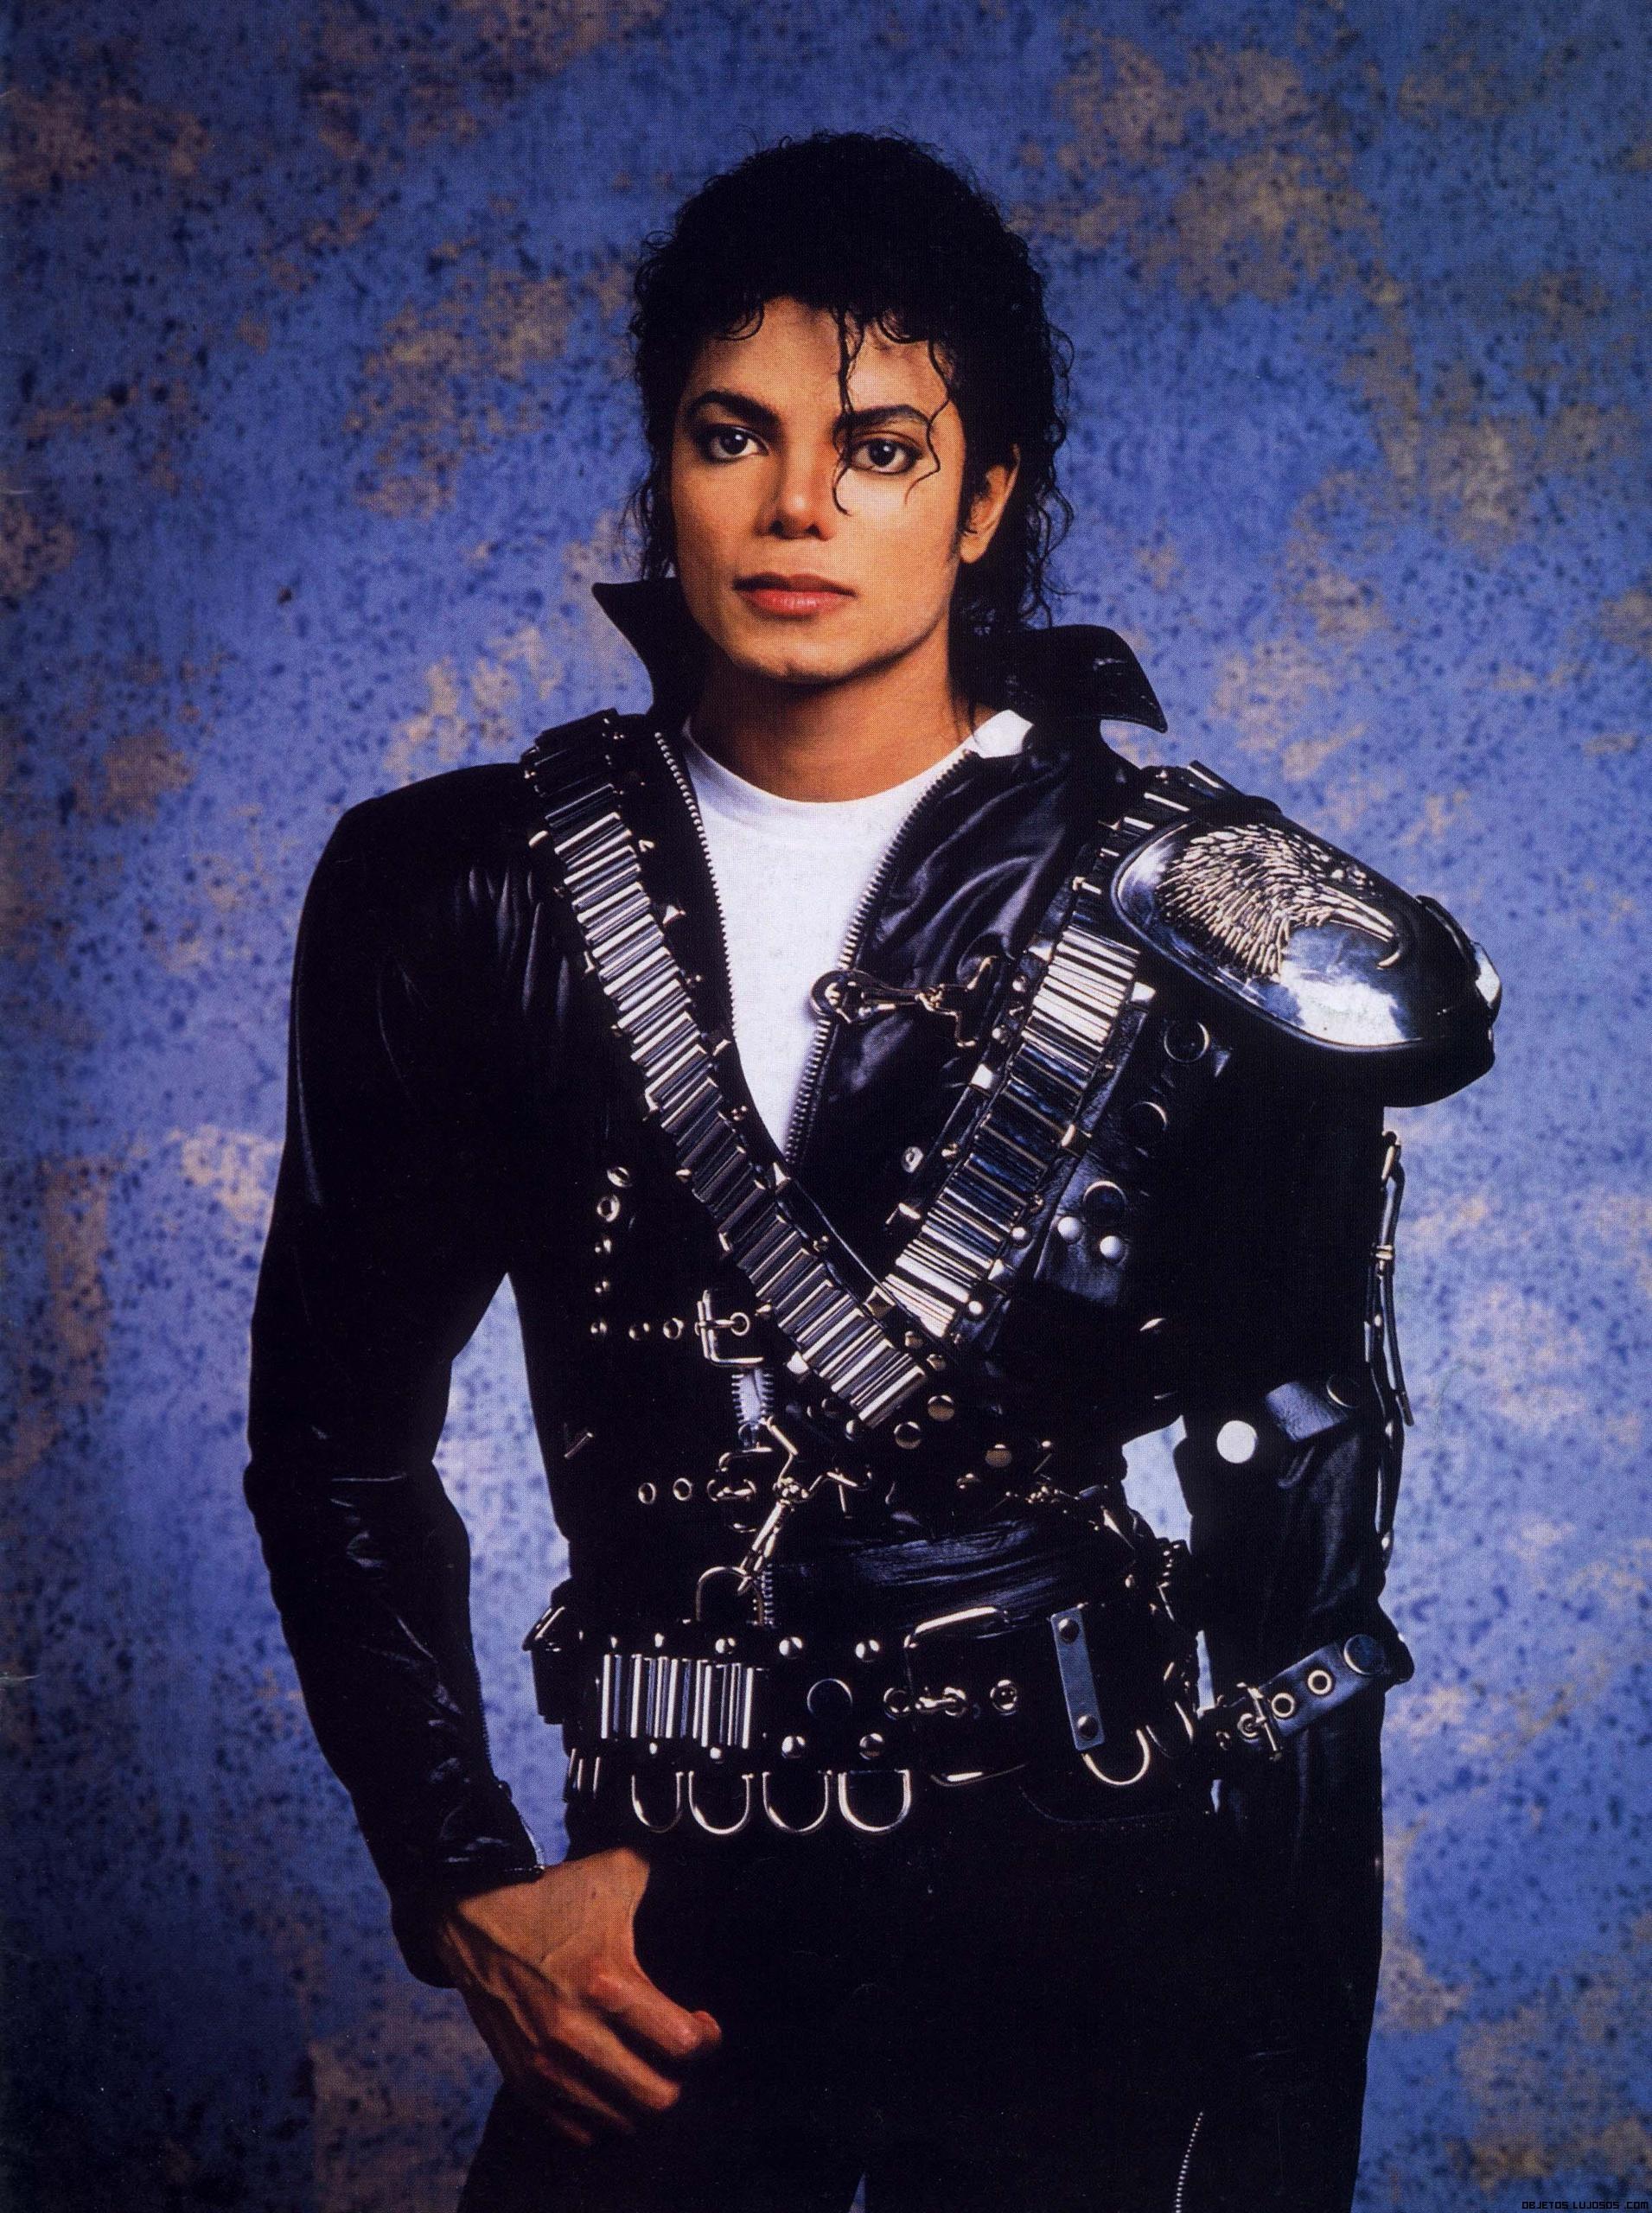 Fotografías de Michael Jackson